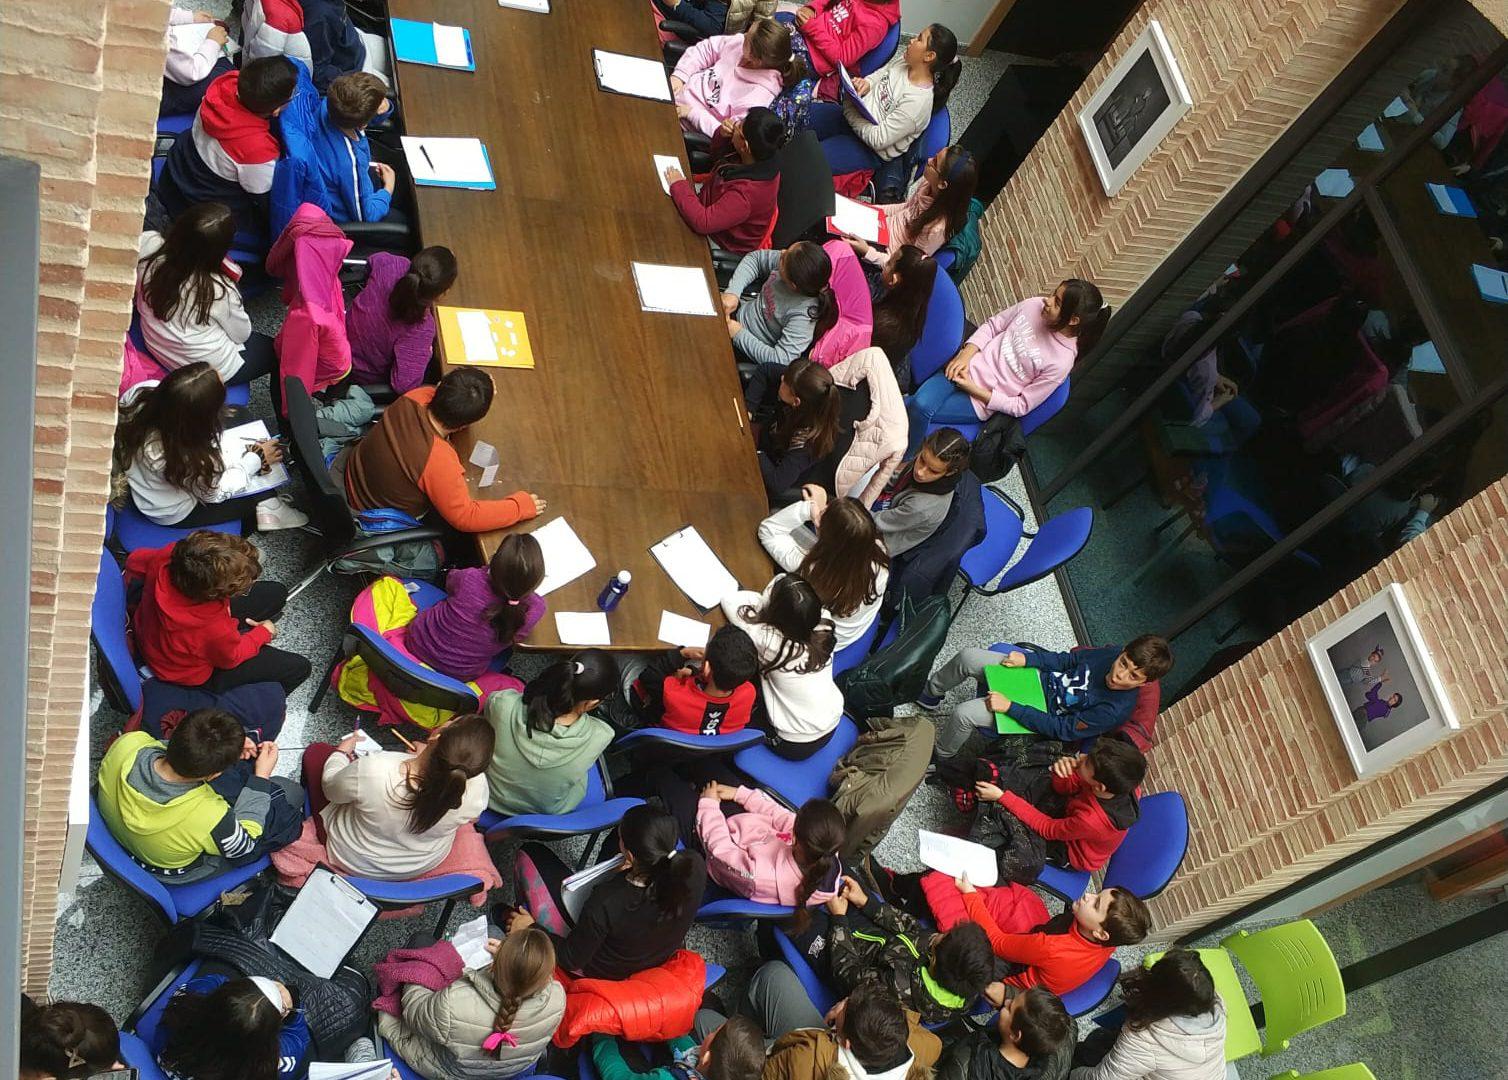 Iniesta celebra los derechos del niño con su Semana de la Infancia